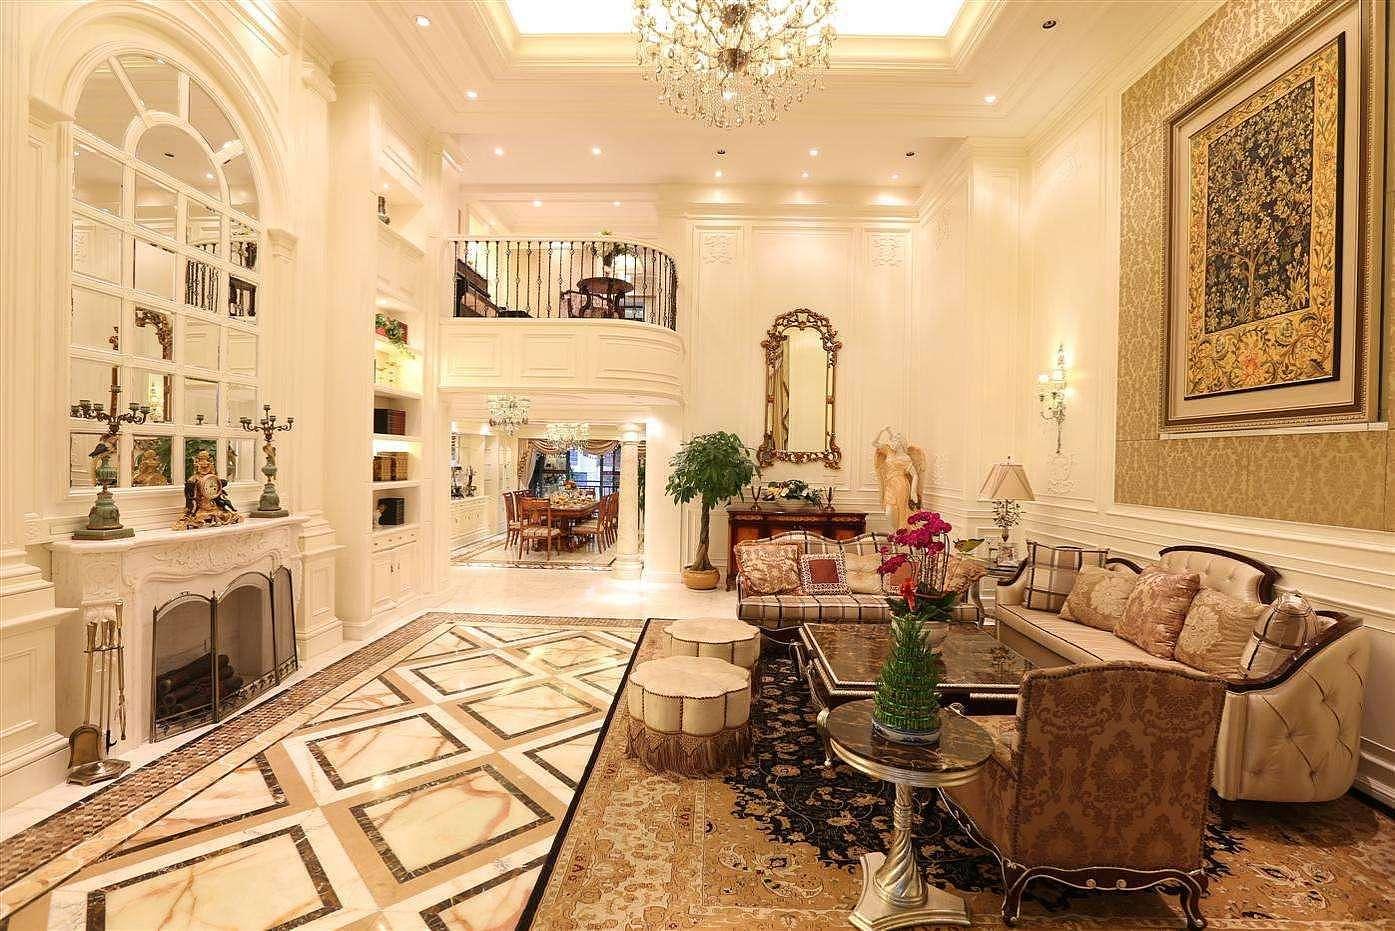 别墅挑高客厅怎么设计 别墅挑高客厅设计须知